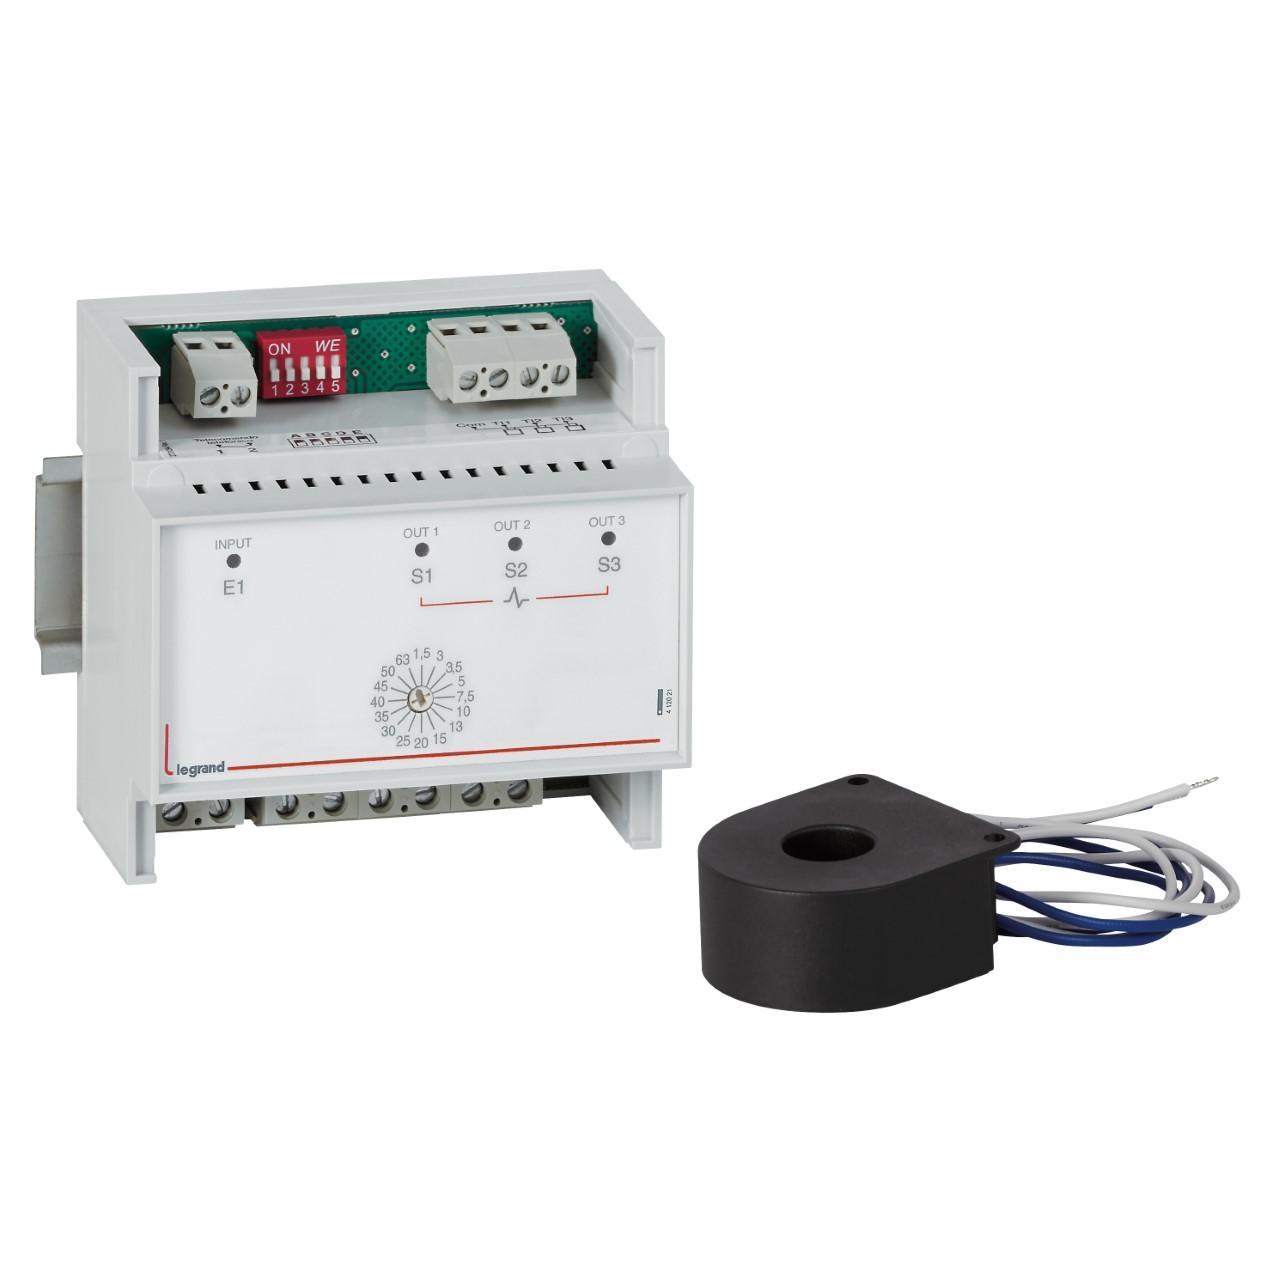 Реле приоритета нагрузки рпн-1 (реле контроля тока), работает без питания